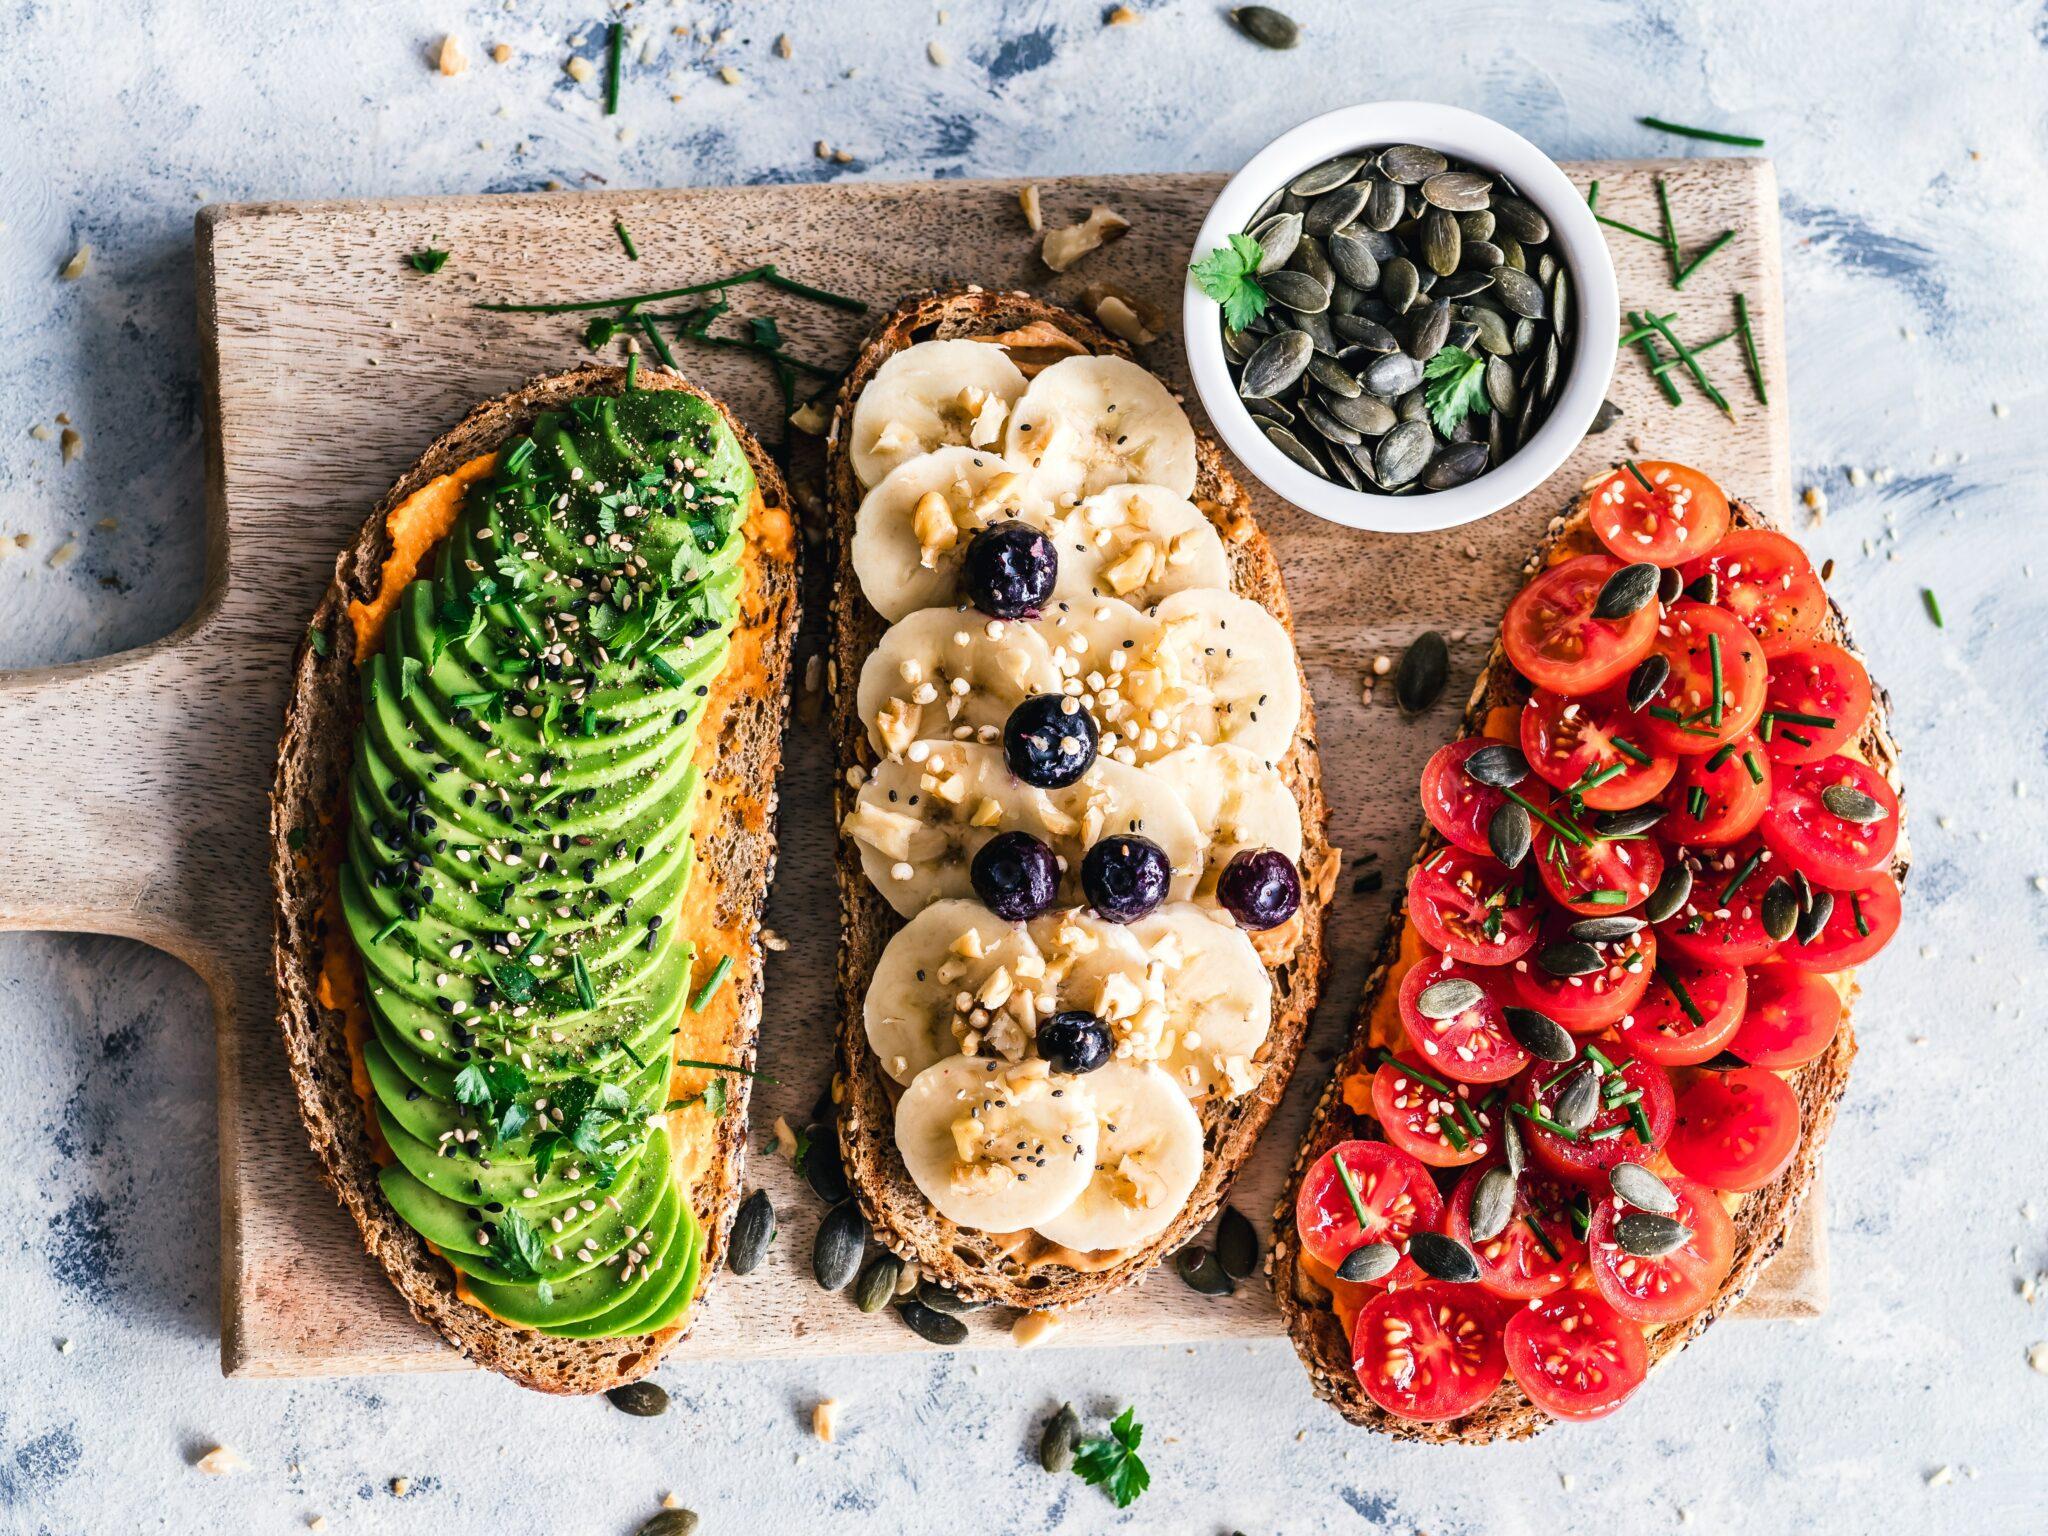 avocado, banana and tomatos on bread